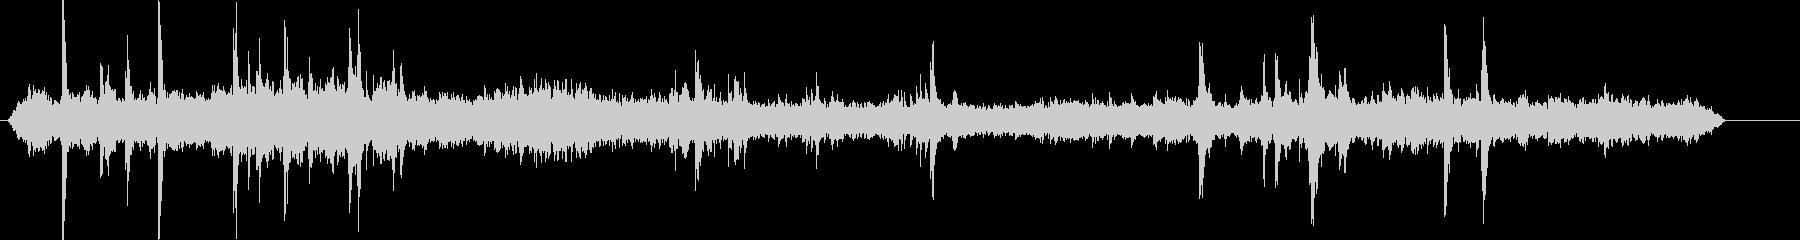 チリカフェ-声の未再生の波形